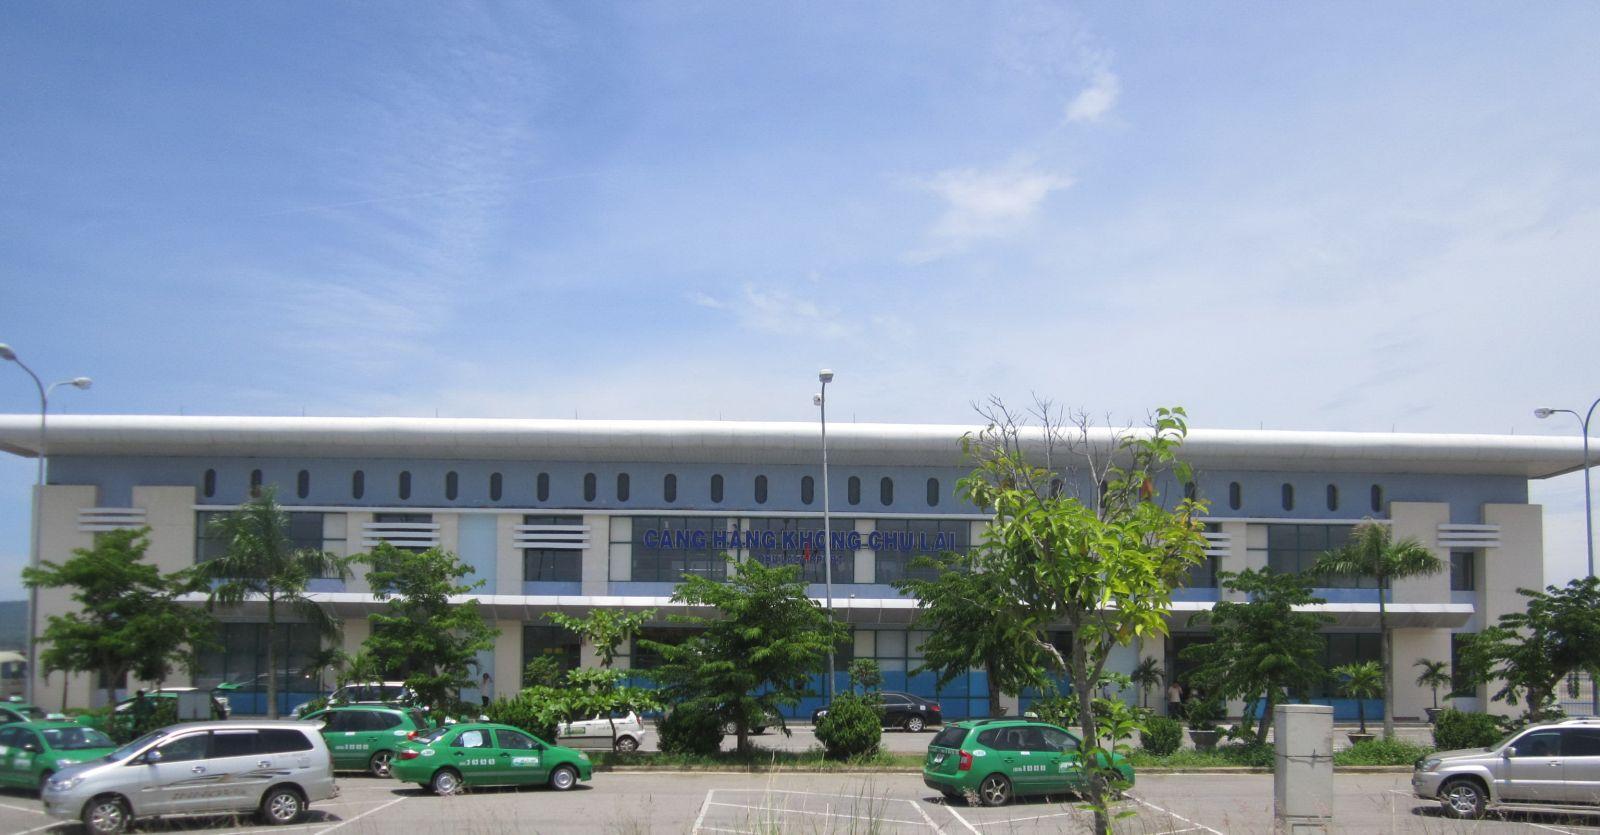 Phương triện di chuyển từ sân bay Chu Lai về Tp. Quảng Ngãi - hinh 1